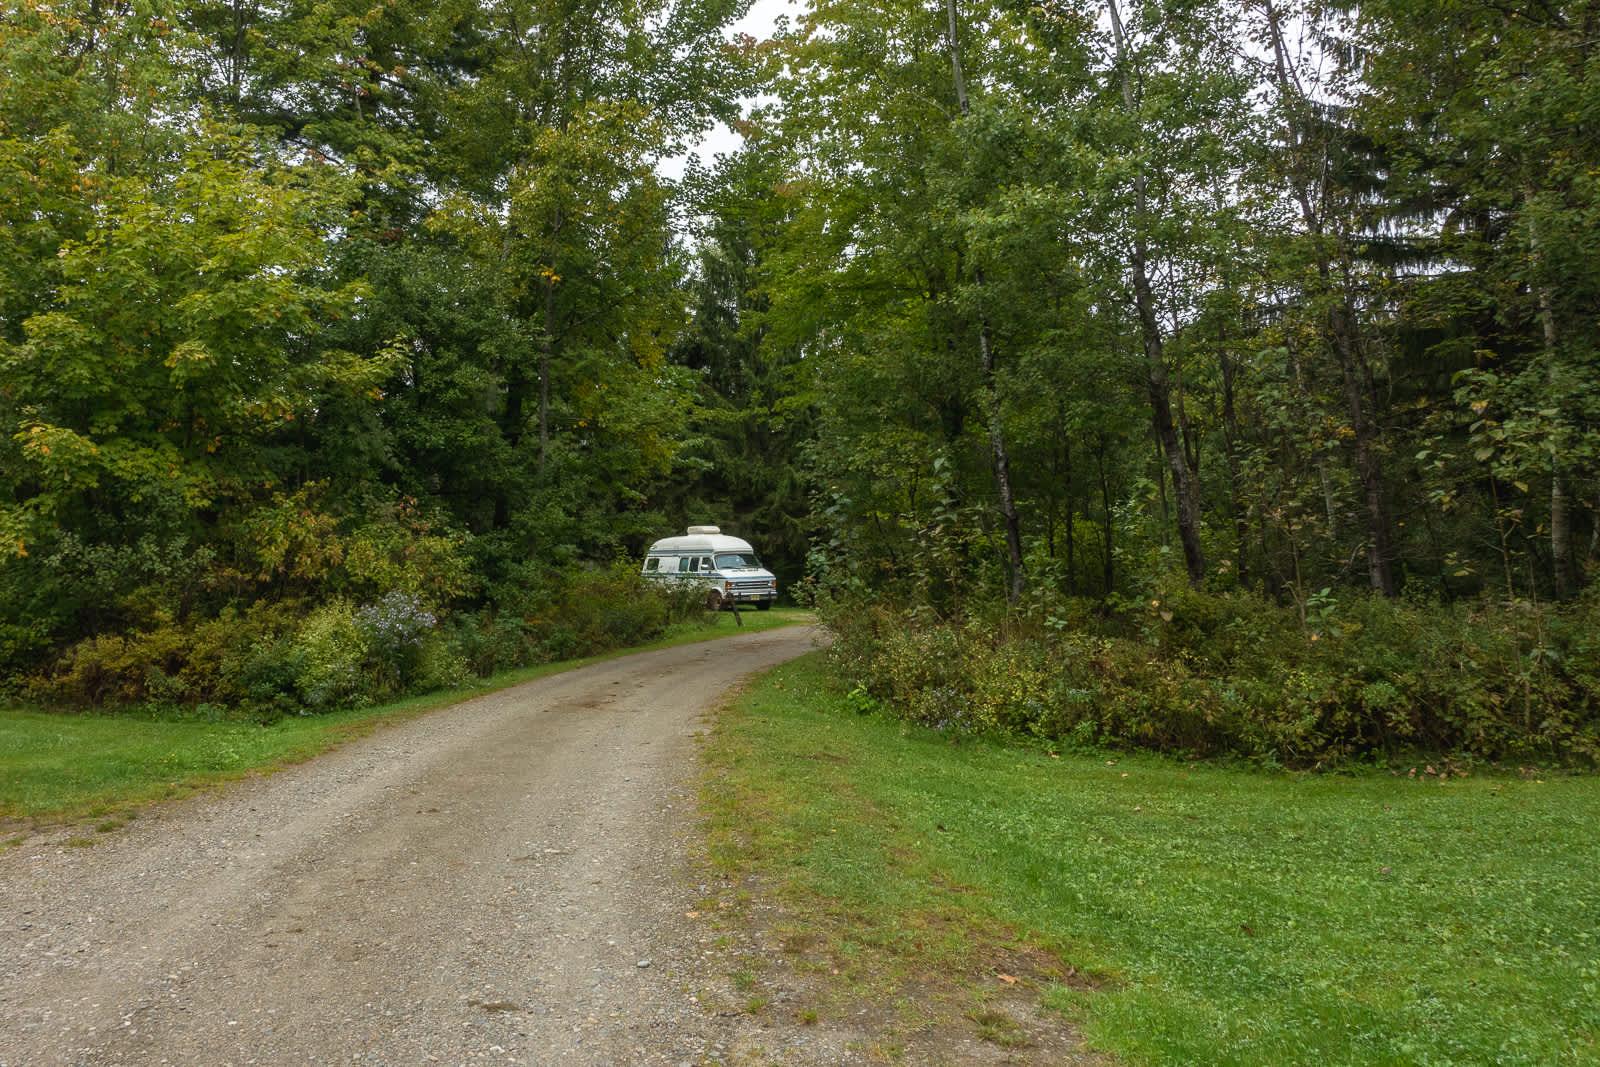 Lake Elmore Vt >> Elmore Campground, Elmore State, VT: 1 Hipcamper review and 10 photos